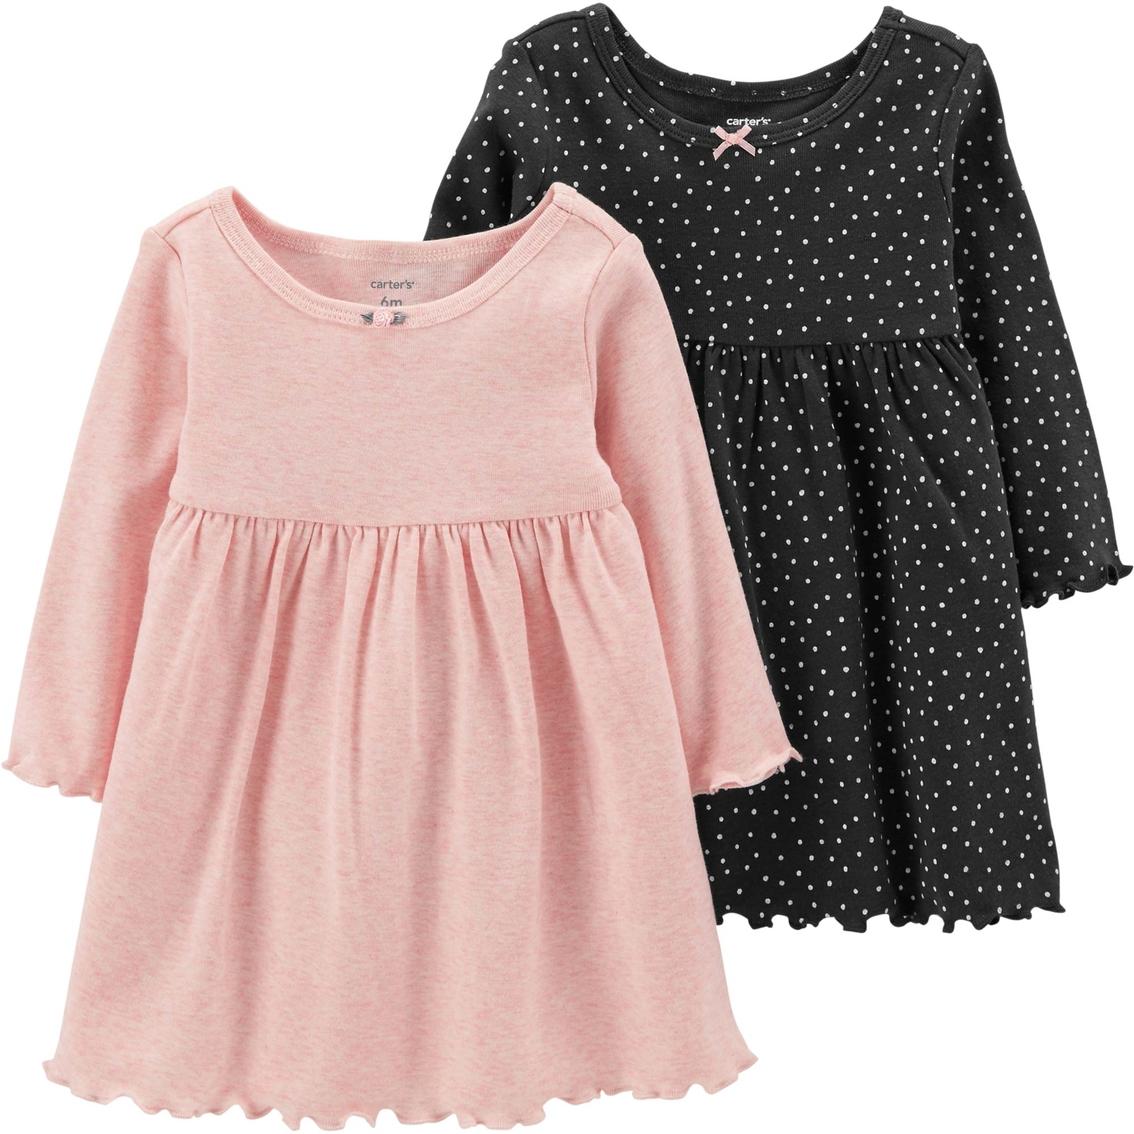 89e7f99ff1cc3 Carter's Infant Girls Dress Set, 2 Pk. | Baby Girl 0-24 Months ...